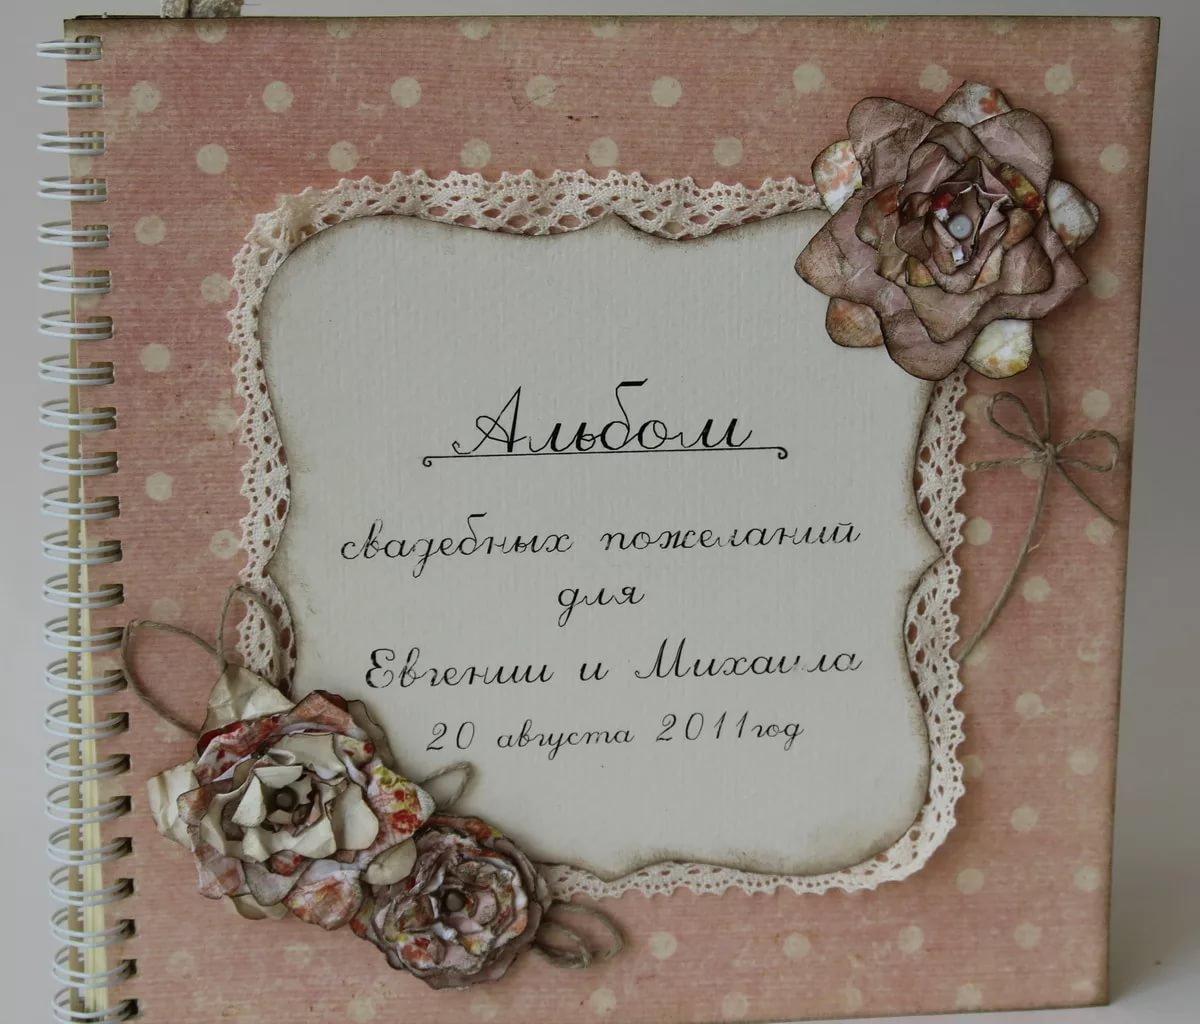 Поздравление на свадьбу в альбом 621